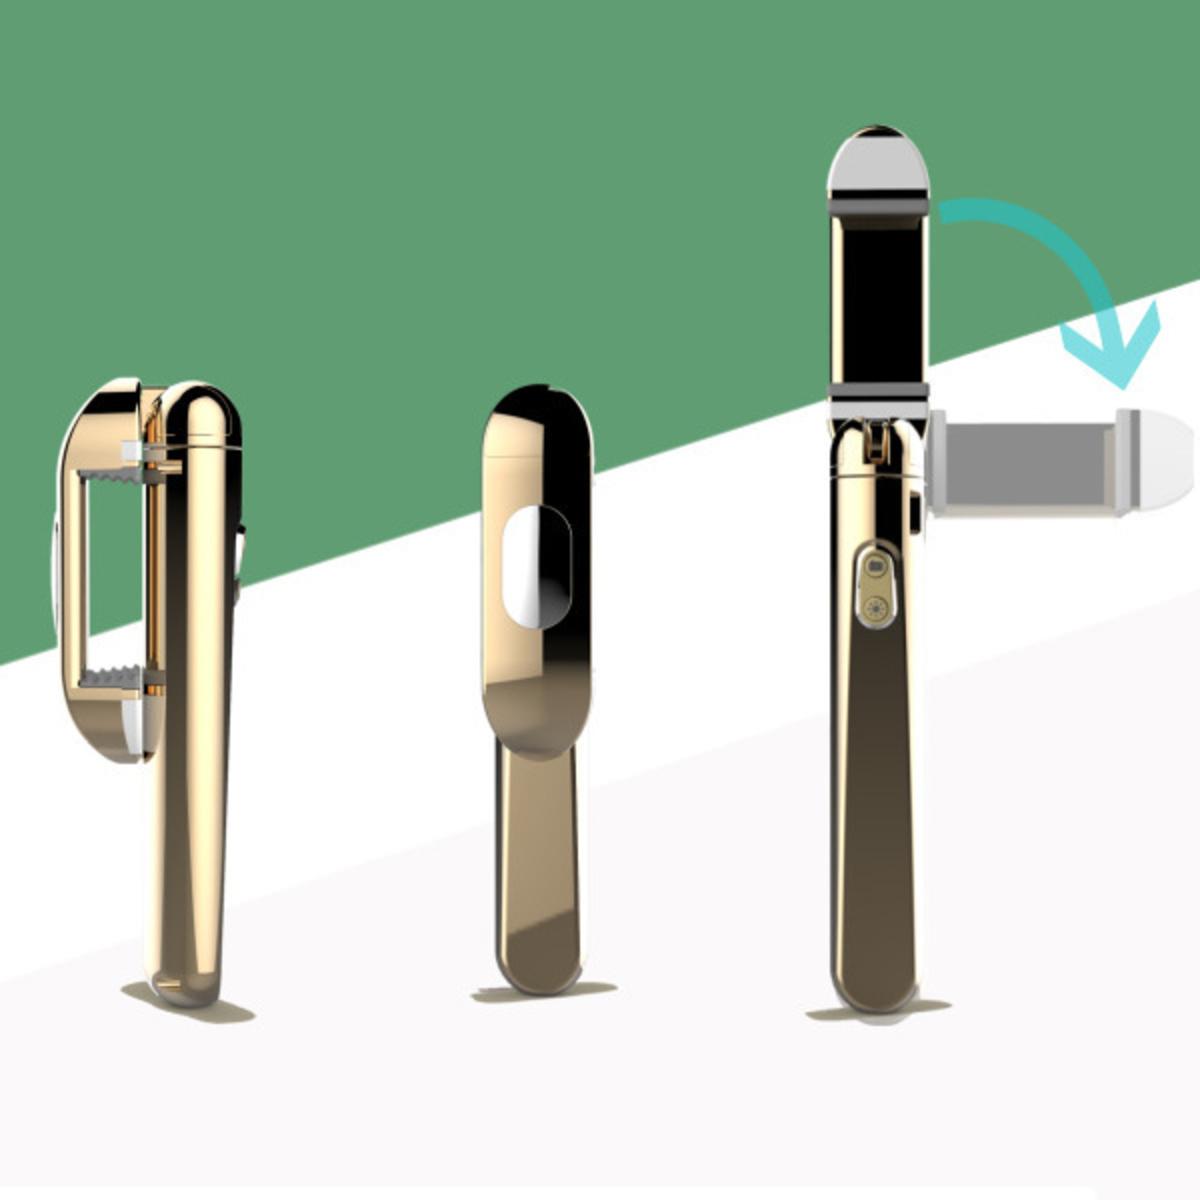 wireless bluetooth fill light selfie stick